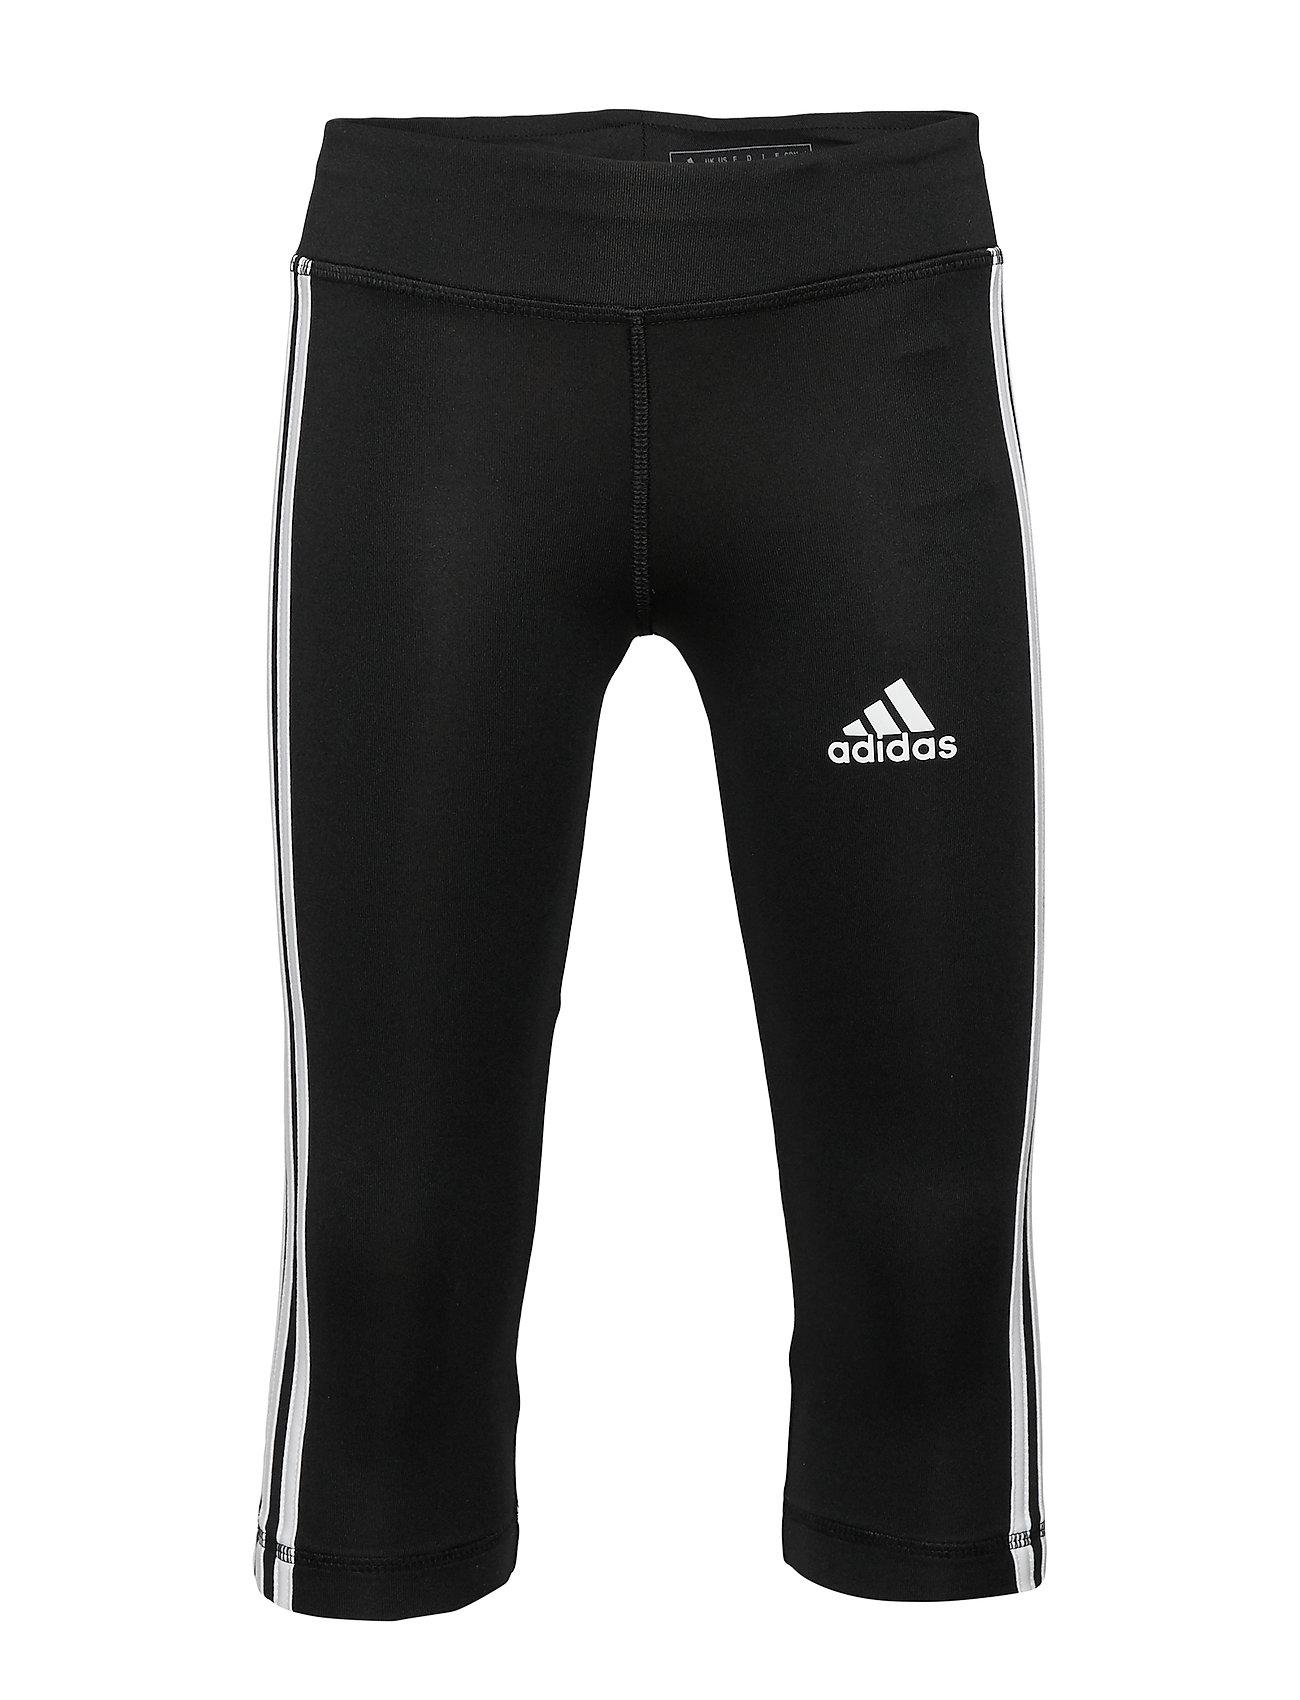 adidas Performance YG TR EQ 3S 34T - BLACK/WHITE